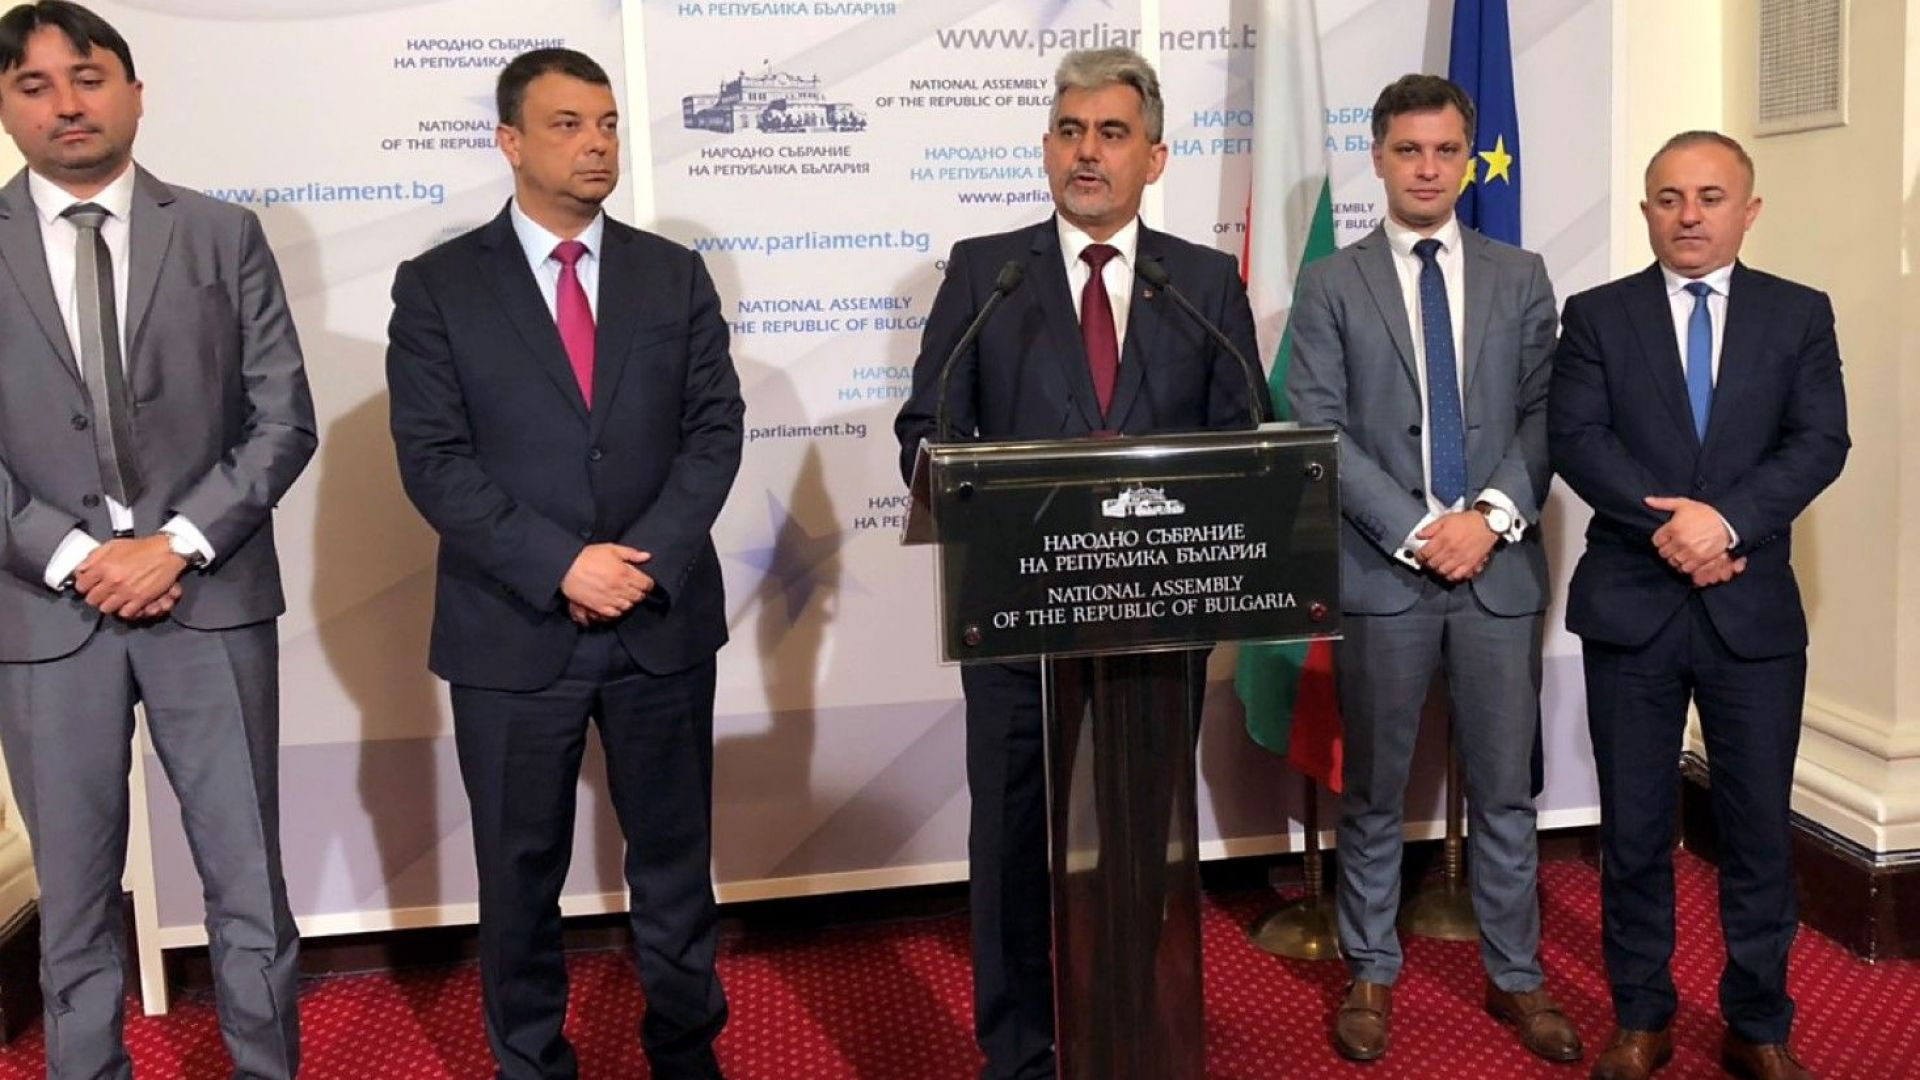 ВМРО за учебниците: Защо Доган е редом до Ралин, а Софи Маринова е прославила България?